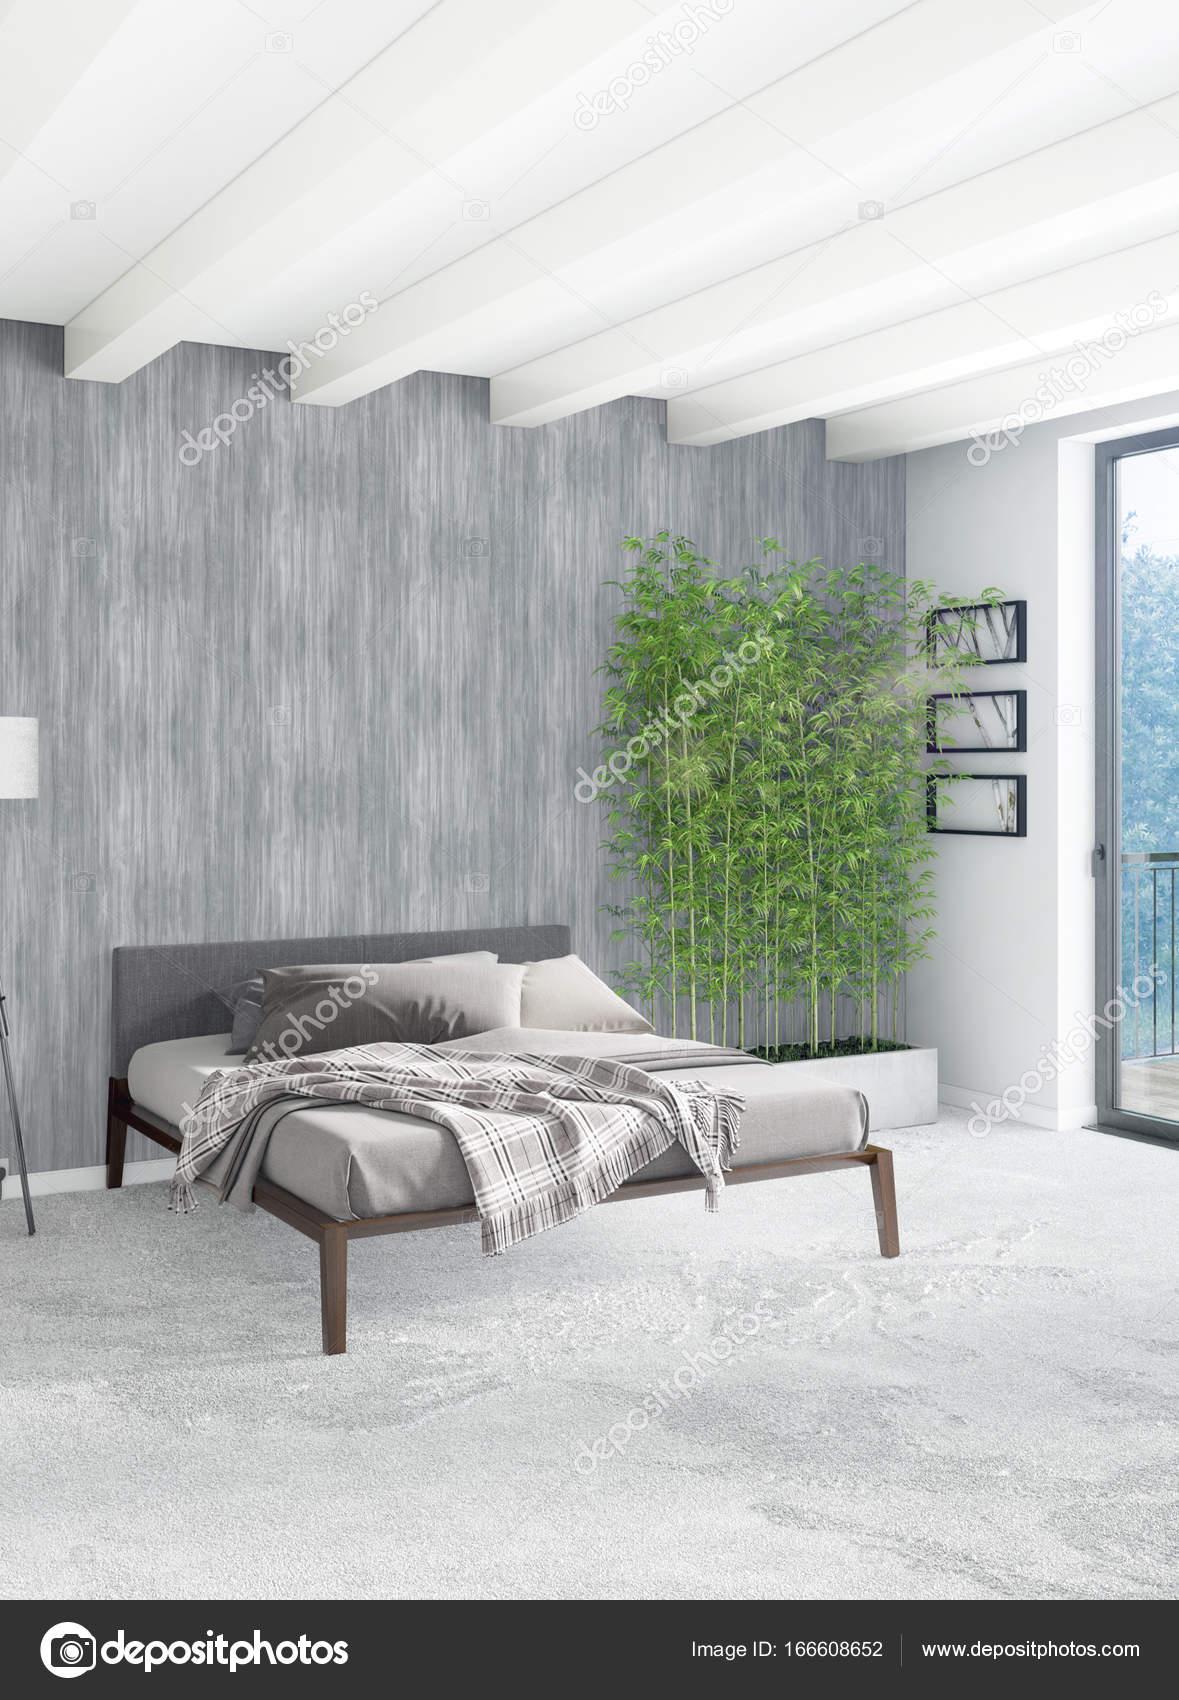 Weiß Minimal Modern Schlafzimmer Oder Loft Style Interior Design. 3D Rendering.  3D Illustration U2014 Foto Von Elsar77